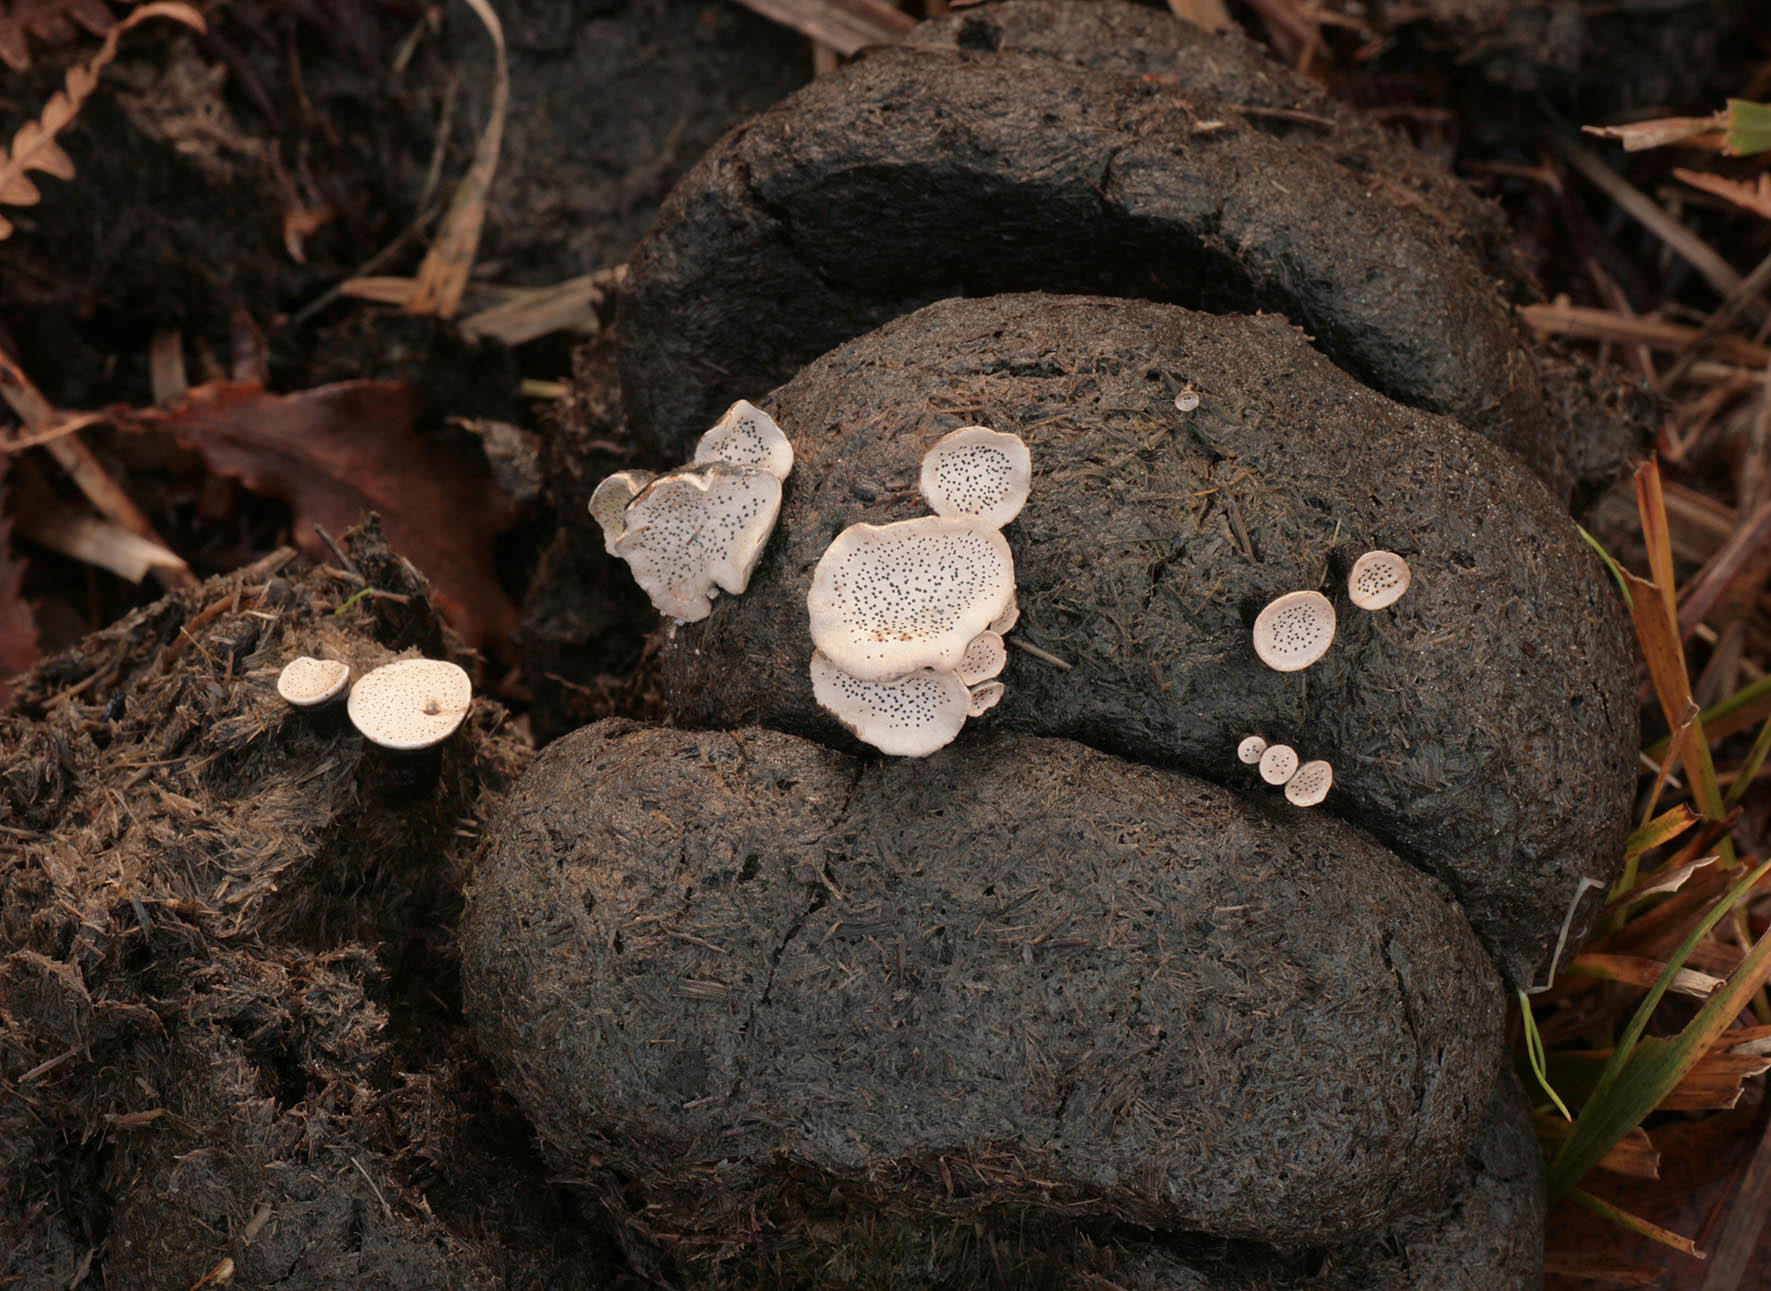 Image of Nail fungus